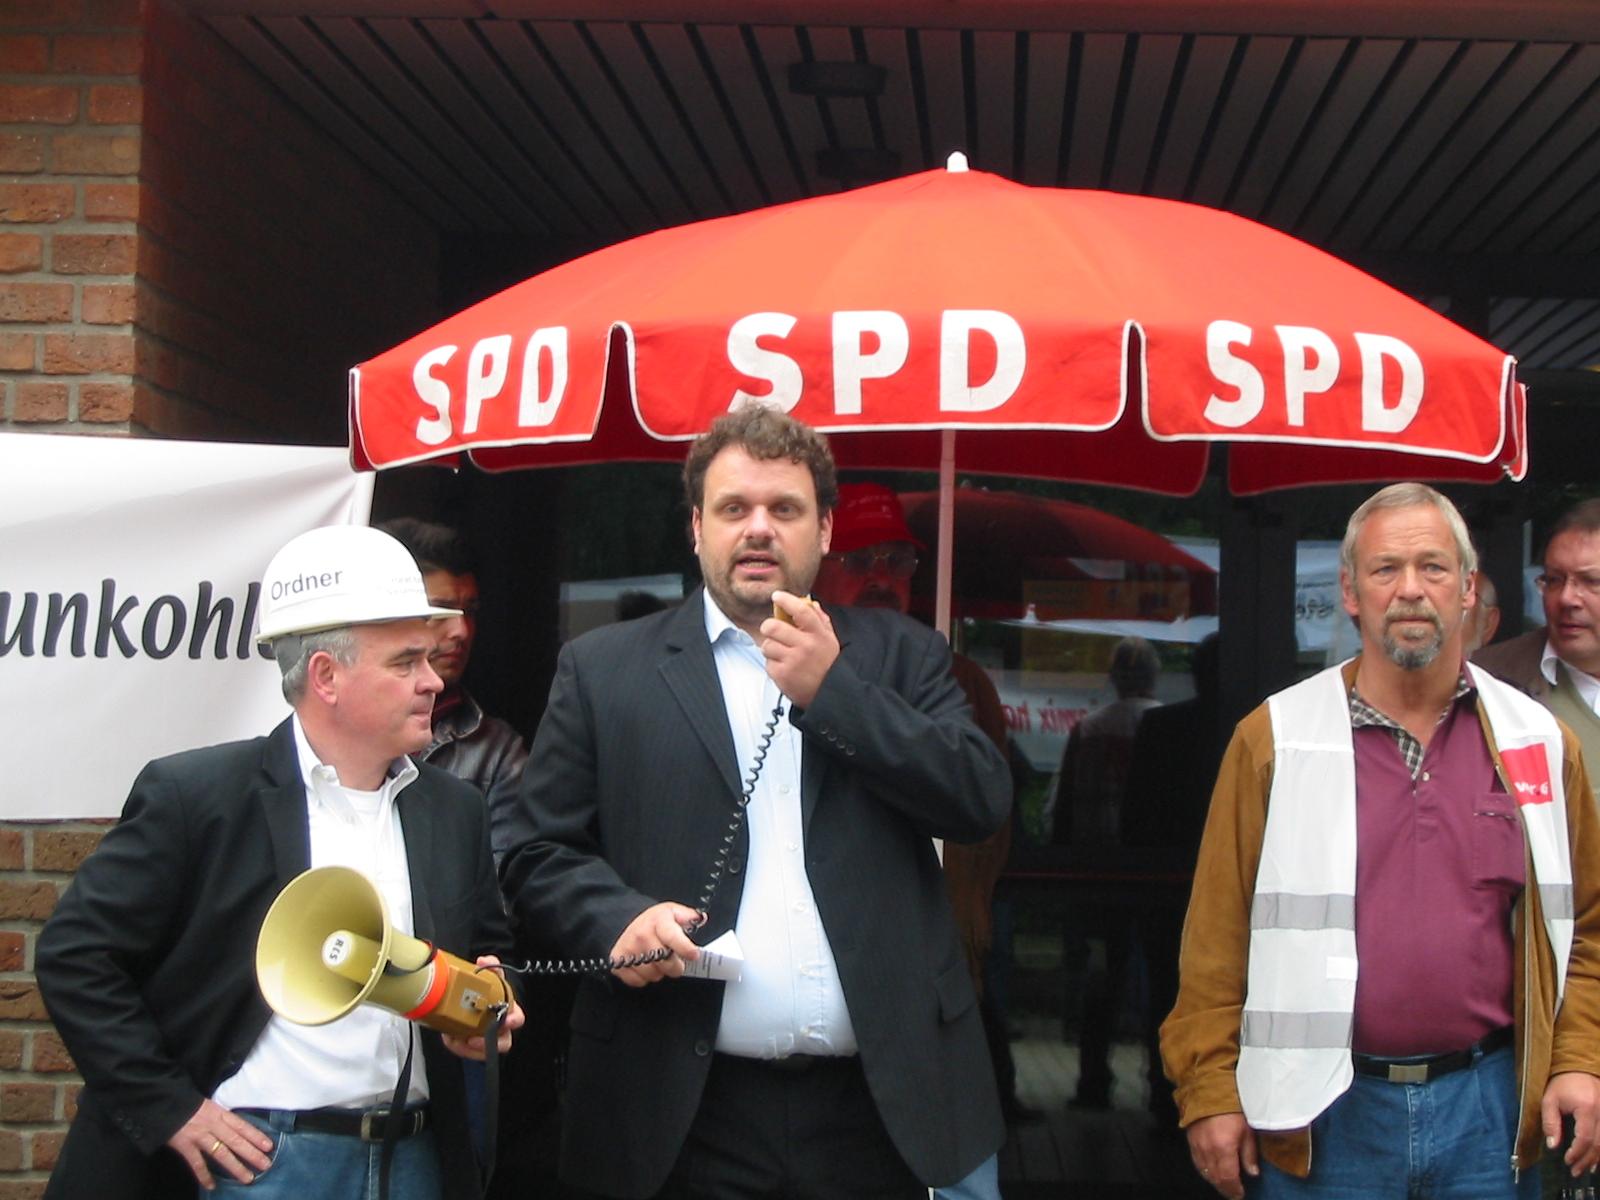 Harald Könen, Guido van den Berg, Manfred Holz